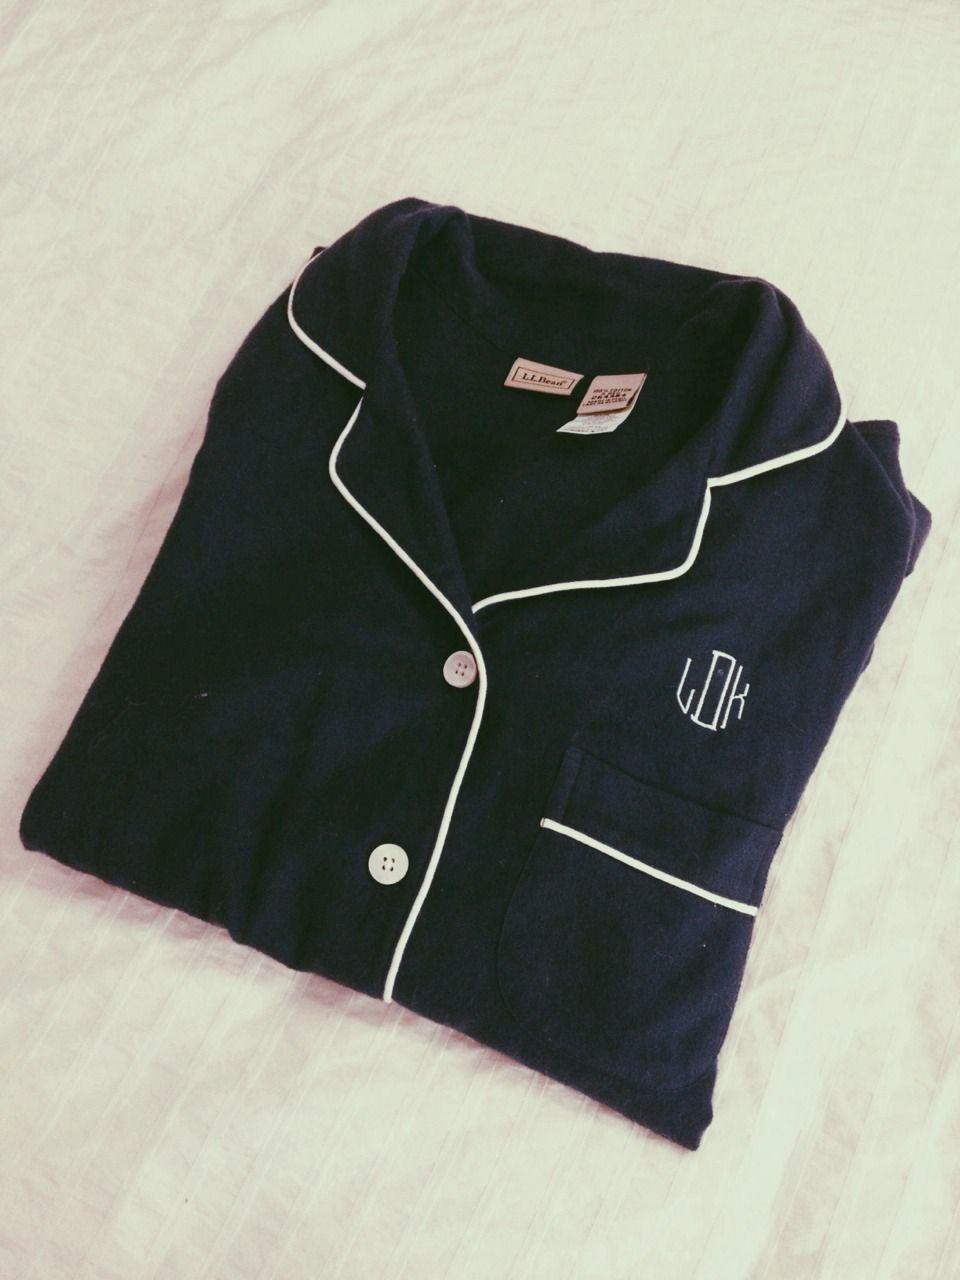 monogrammed pajamas   Preppy, Classy & Nautical   Pinterest   Pajamas